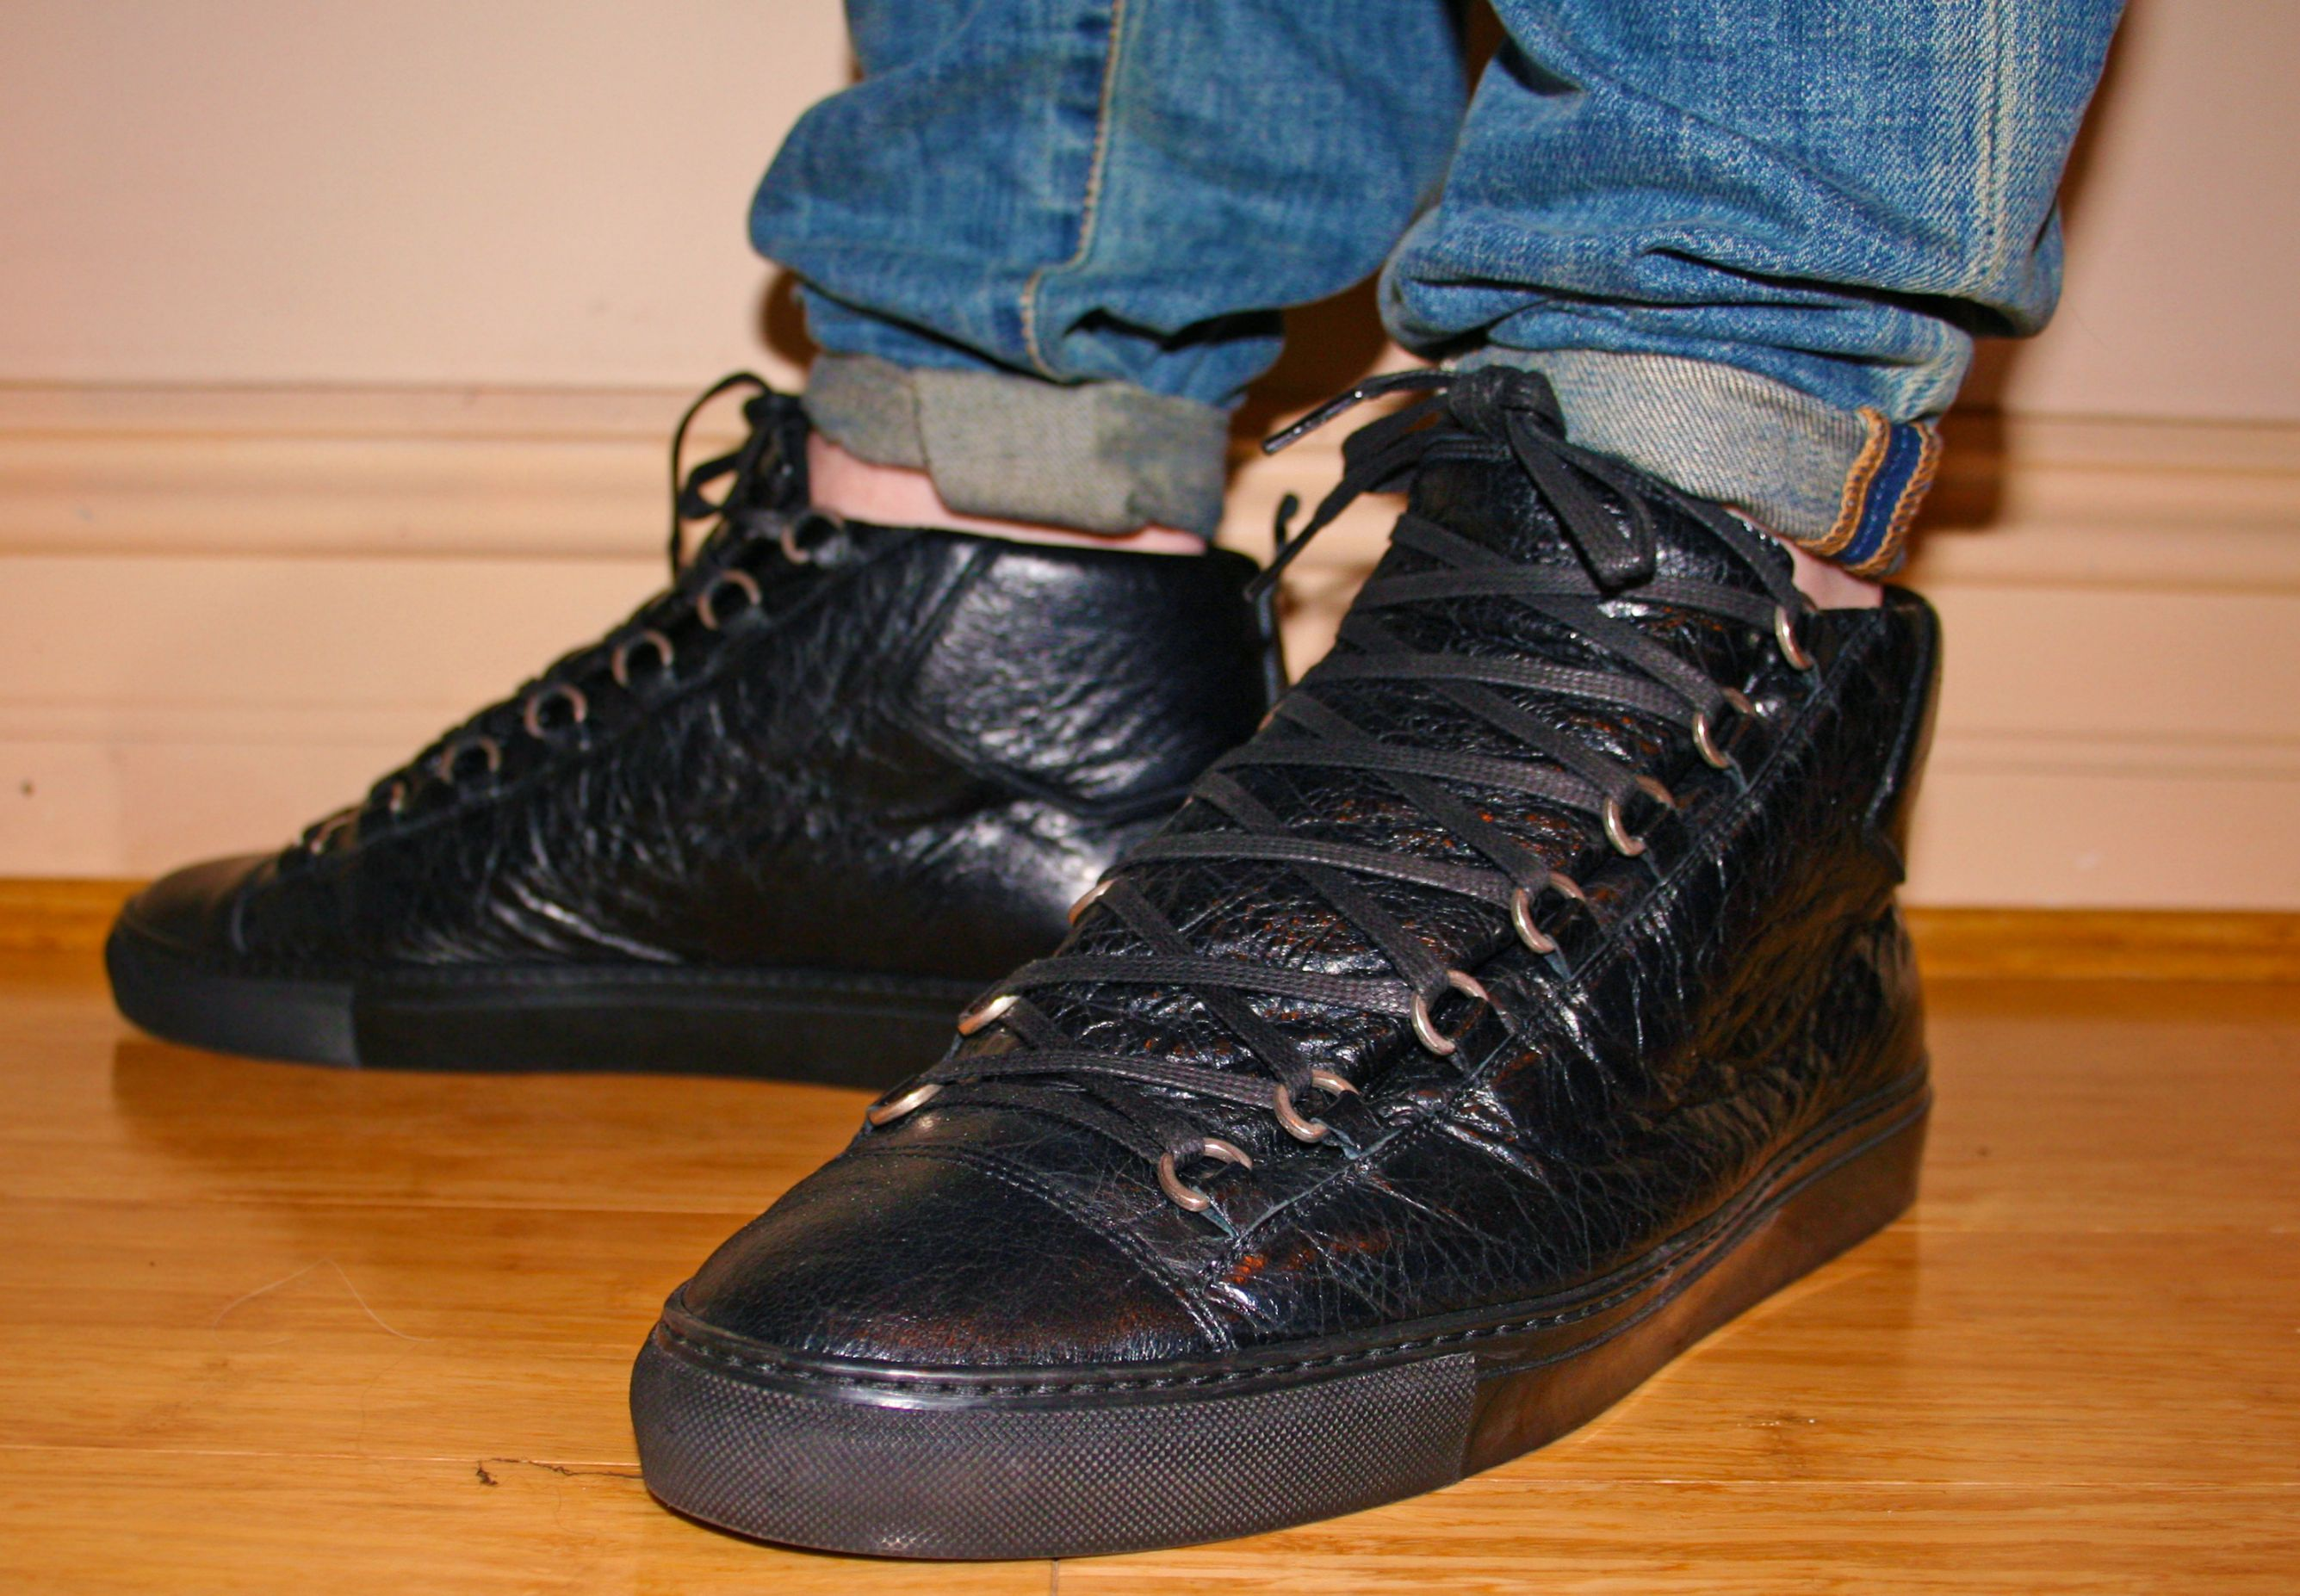 Balenciaga Arena Sneakers | Balenciaga Nordstrom | Balenciaga Arena Low